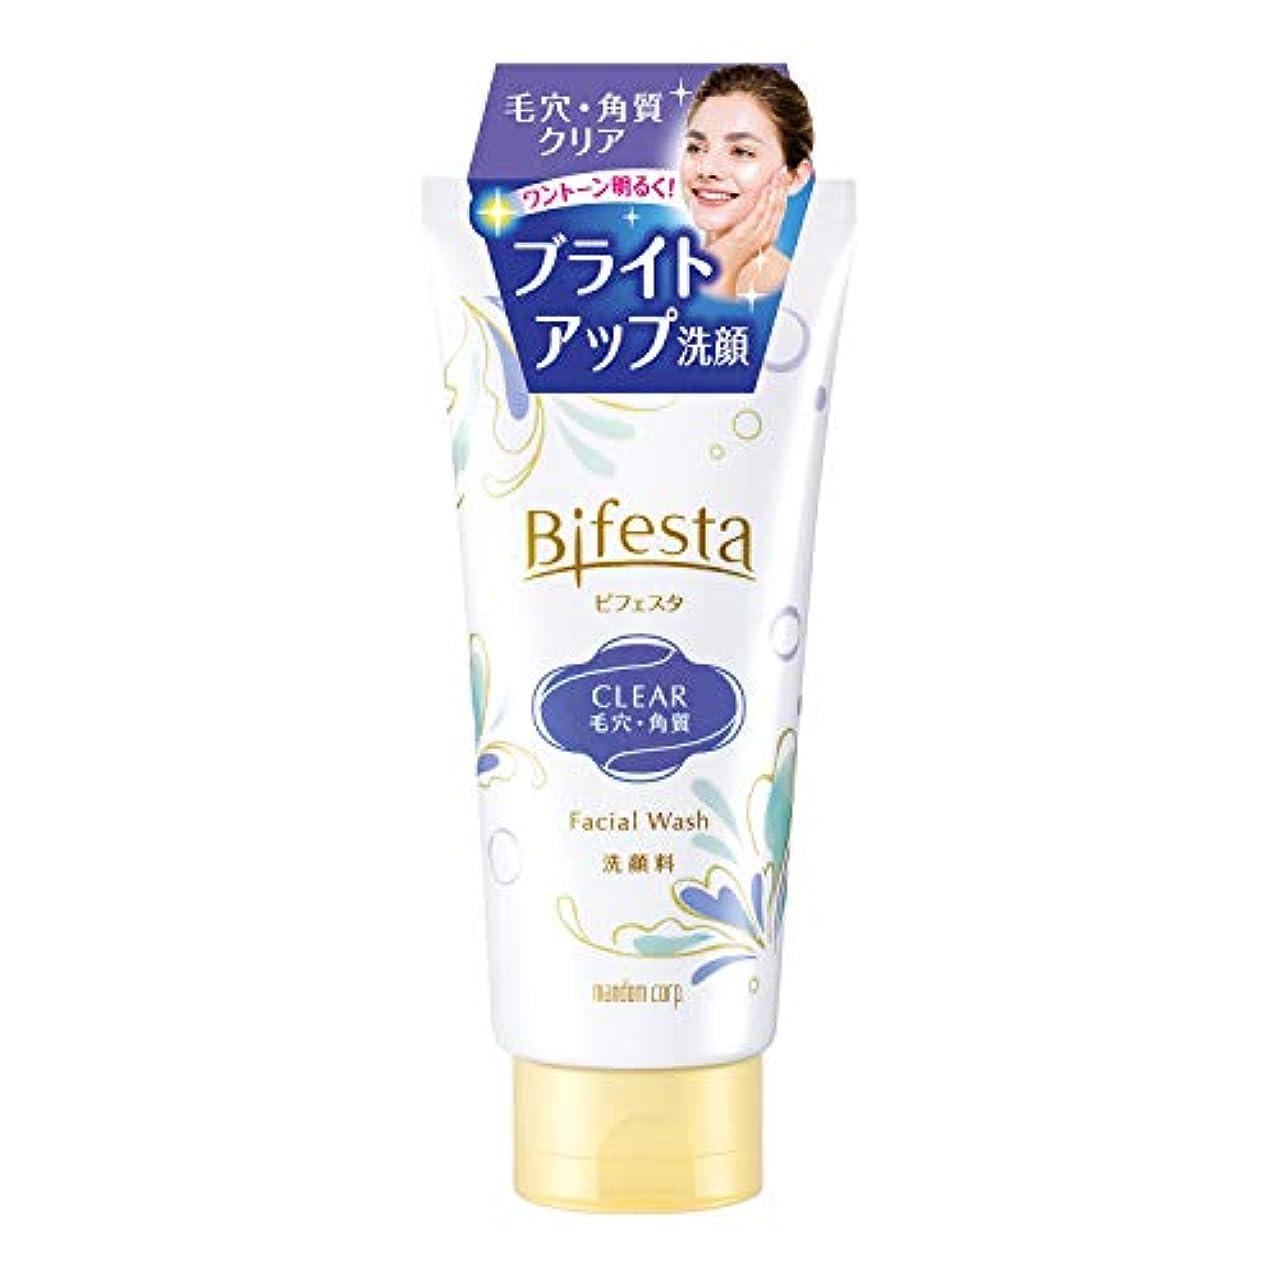 簡単な赤ちゃんロシアビフェスタ(Bifesta)洗顔 クリア 120g 毛穴?角質クリアタイプの洗顔料